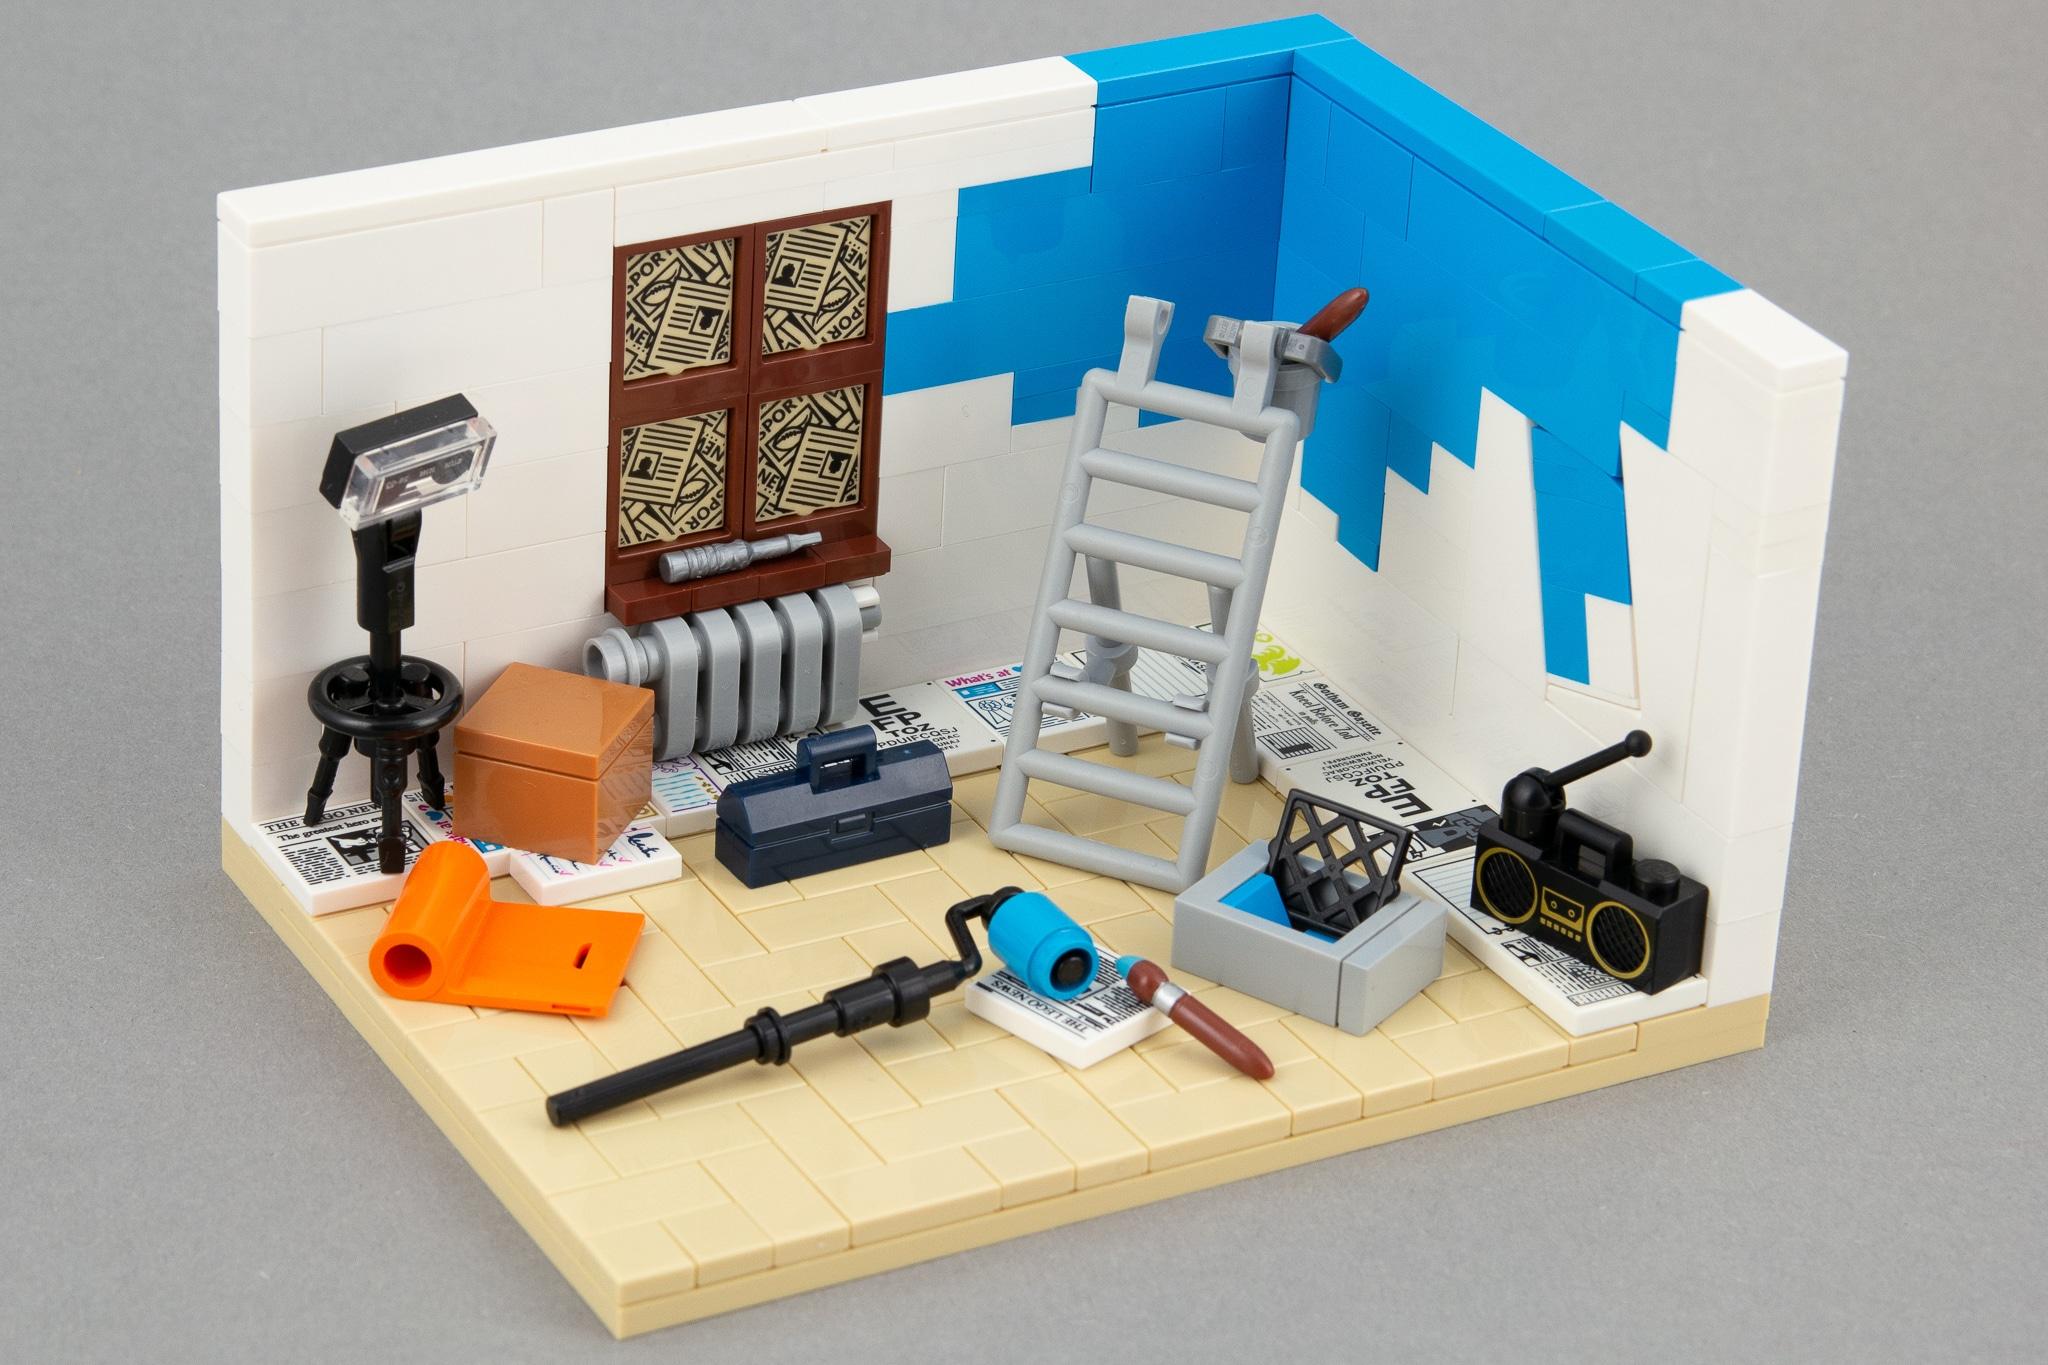 LEGO Renovierung Moc (1)